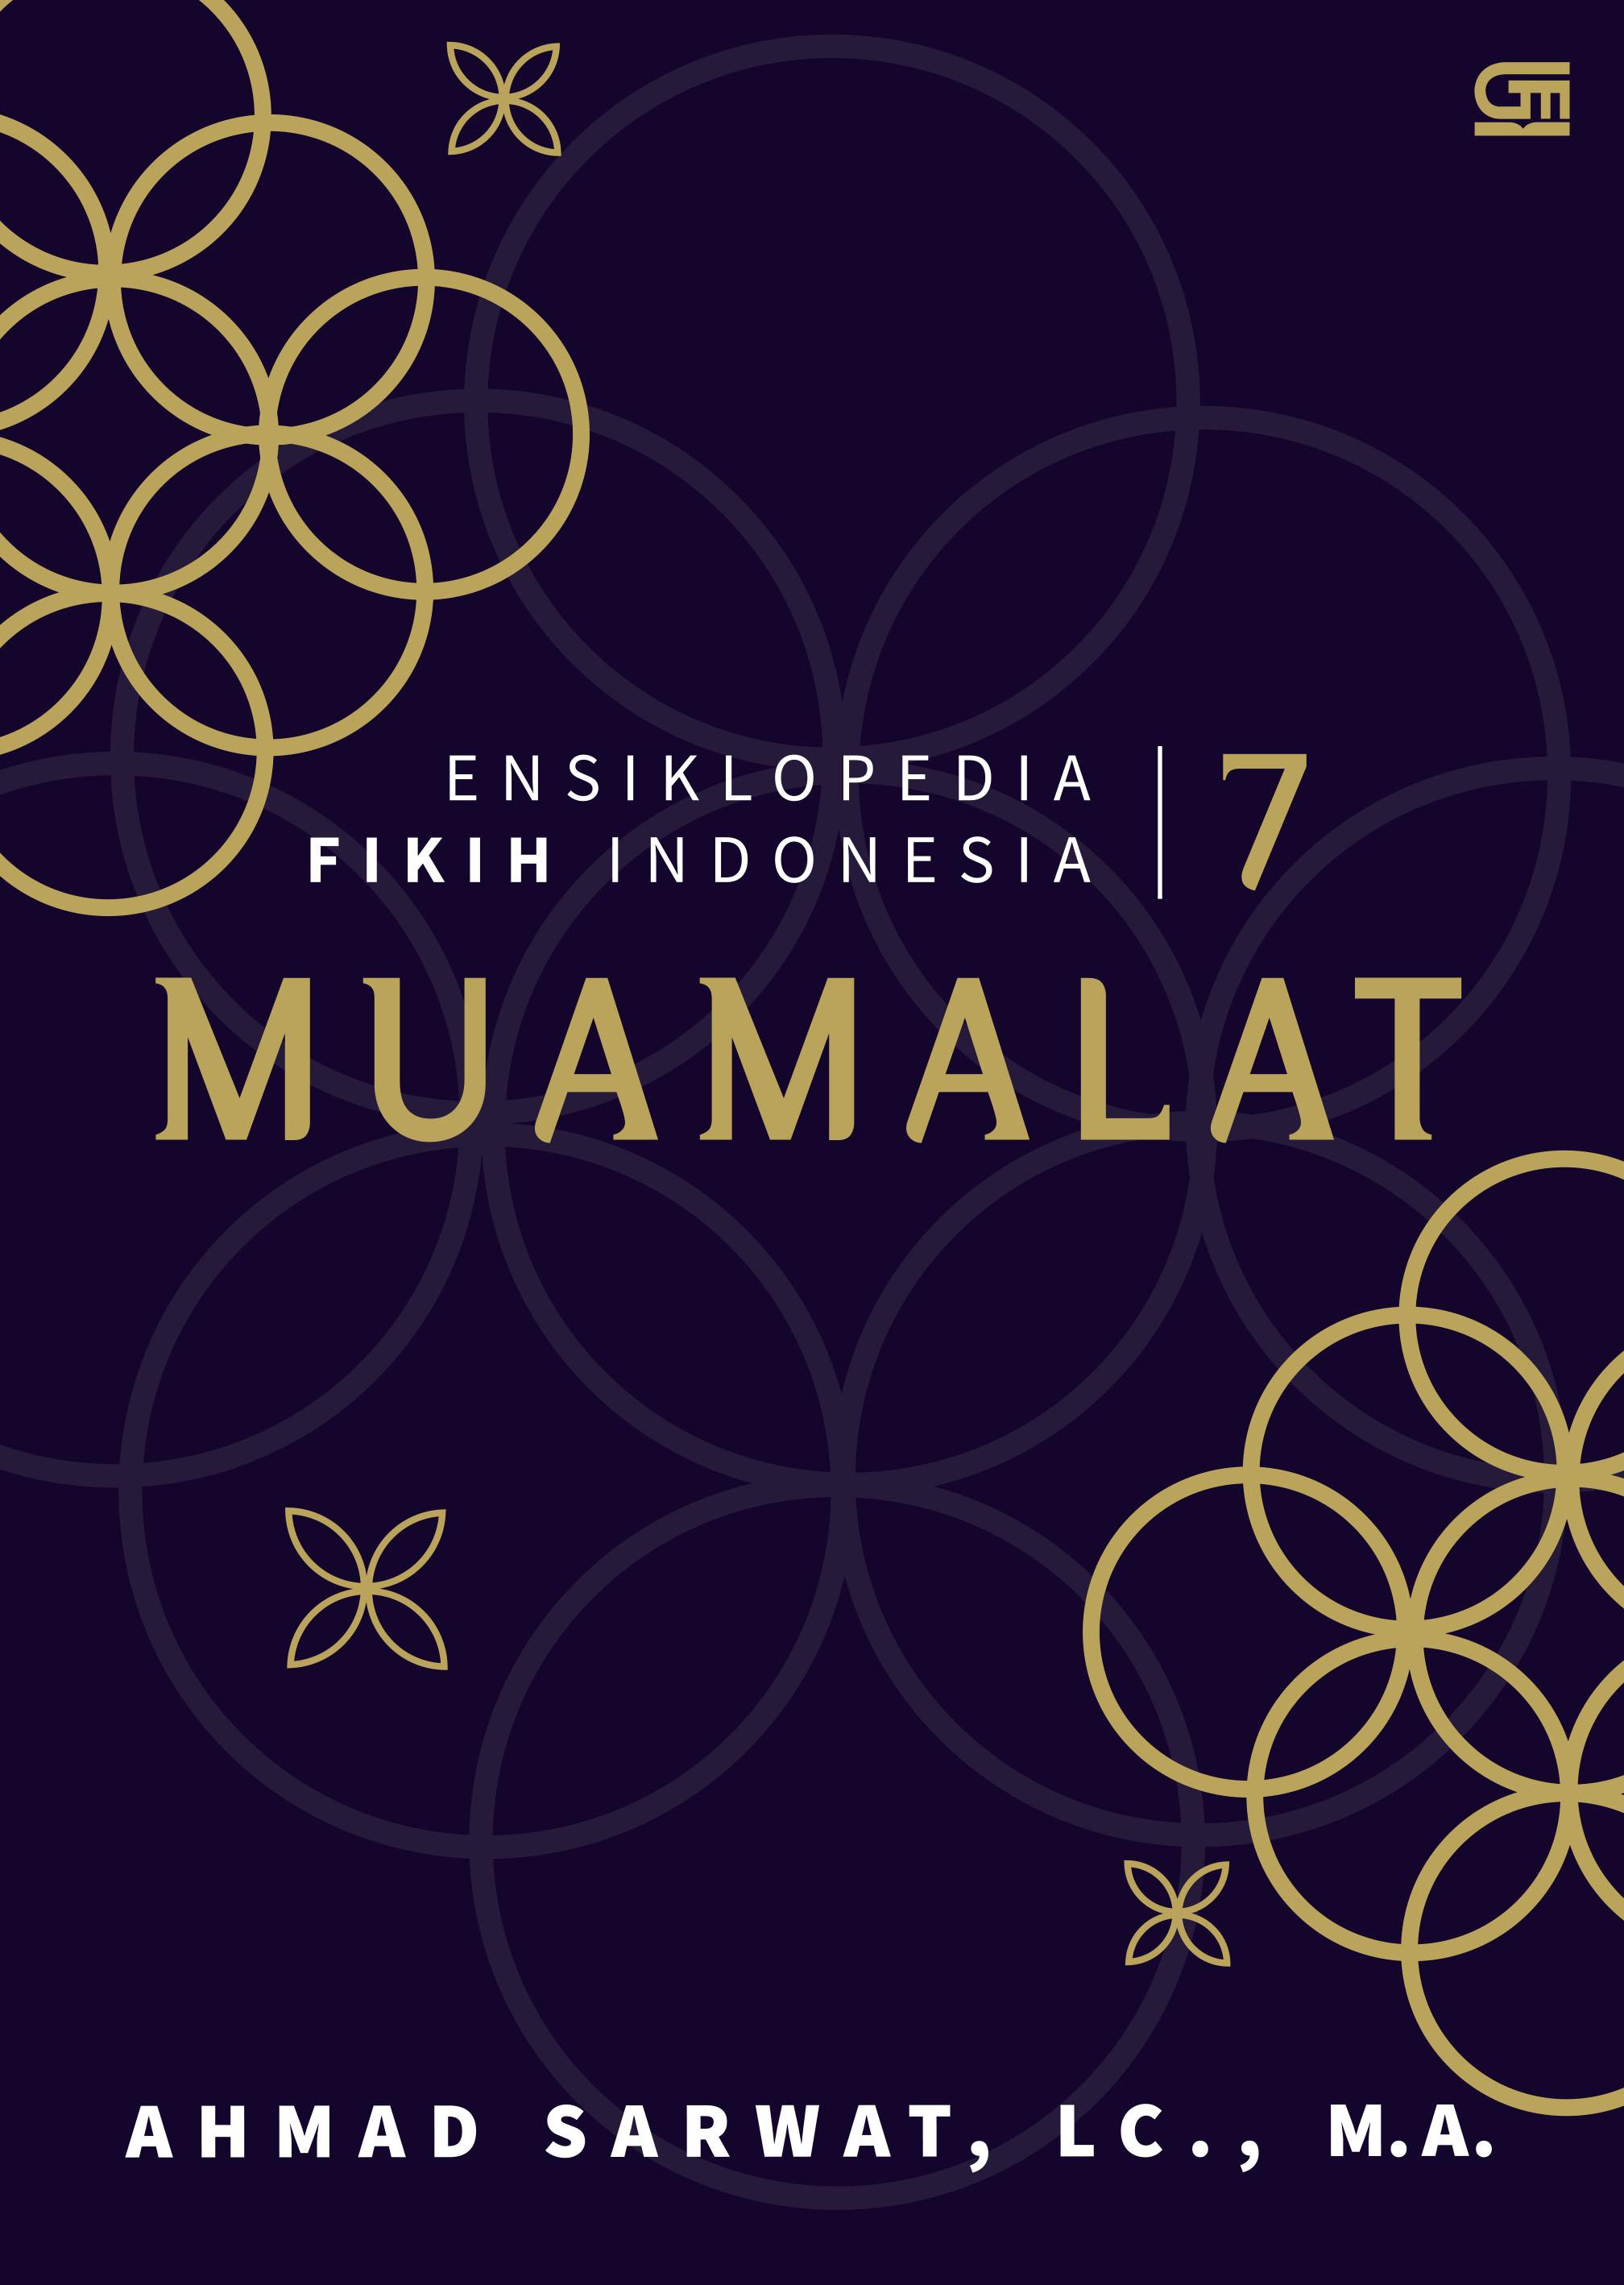 Ensiklopedia Fikih Indonesia 7: Muamalat